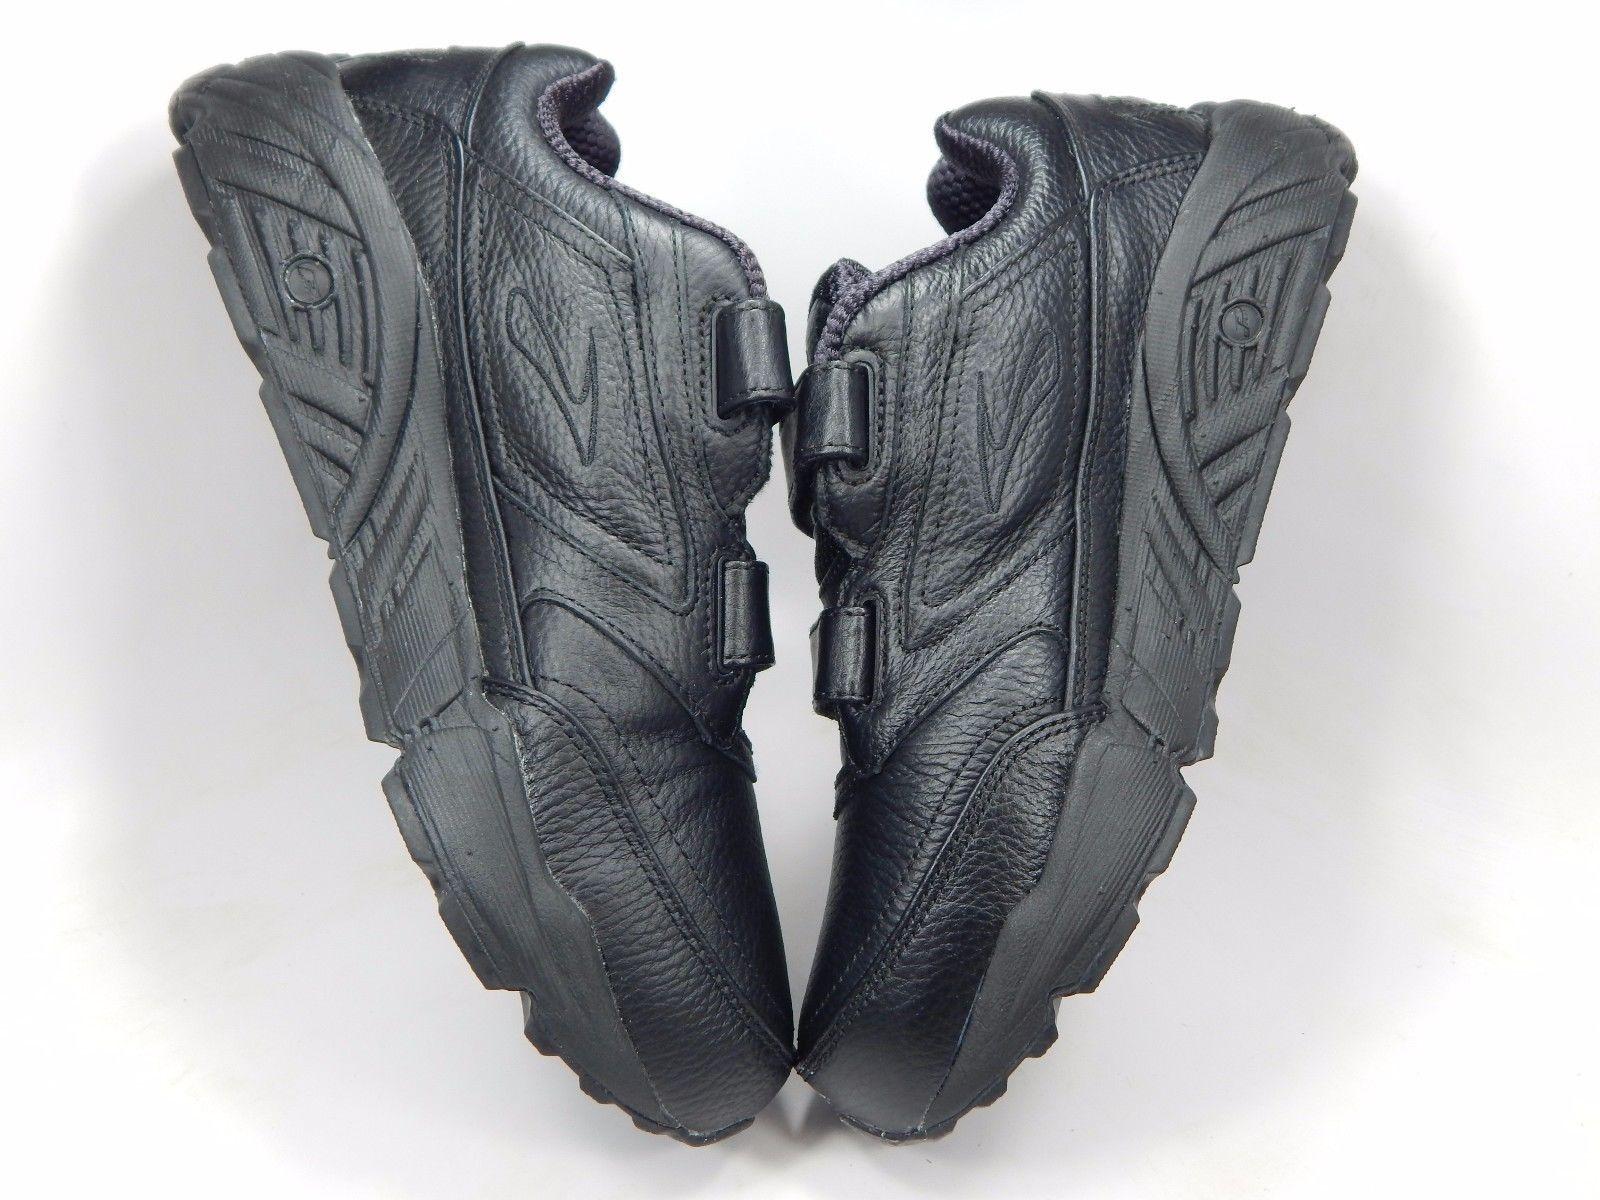 MISMATCH Brooks Addiction Walker Men's Shoes Left Size 9 4E & Right Size 7.5 4E